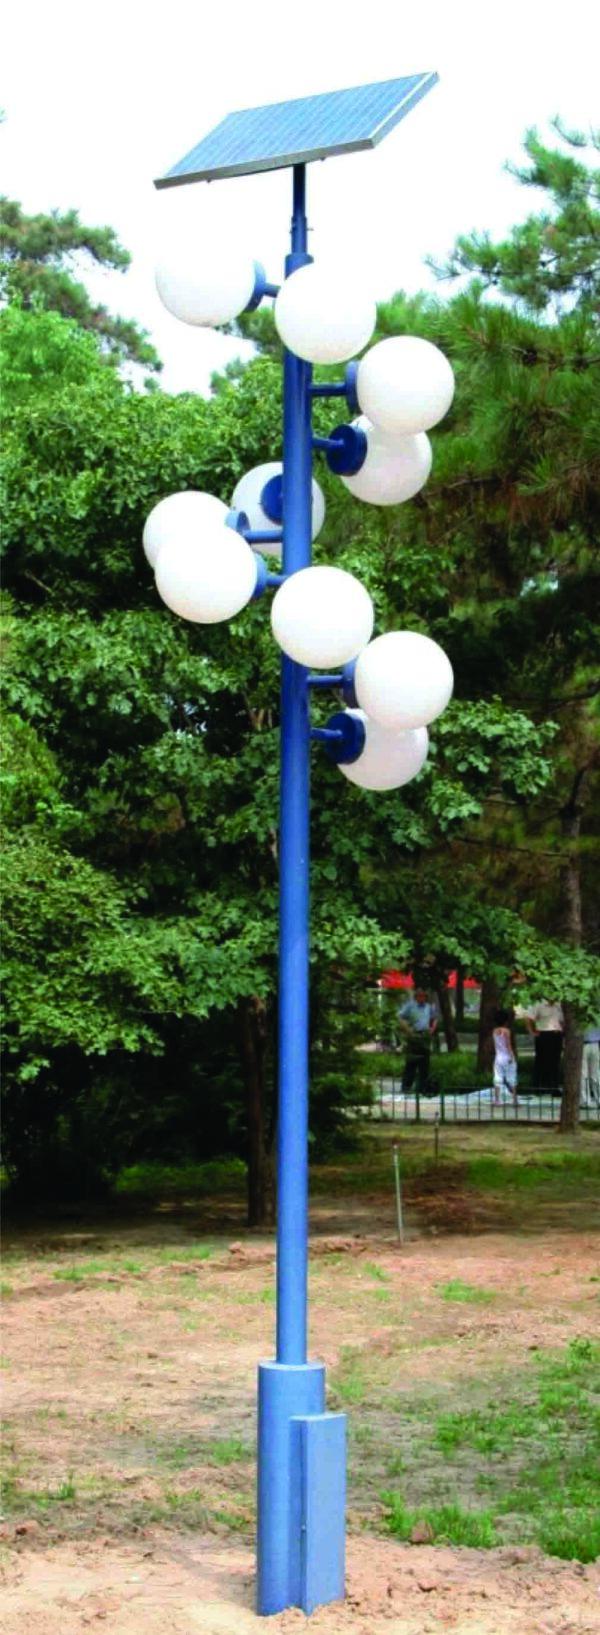 Lampu Taman Tenaga Surya Type 76403